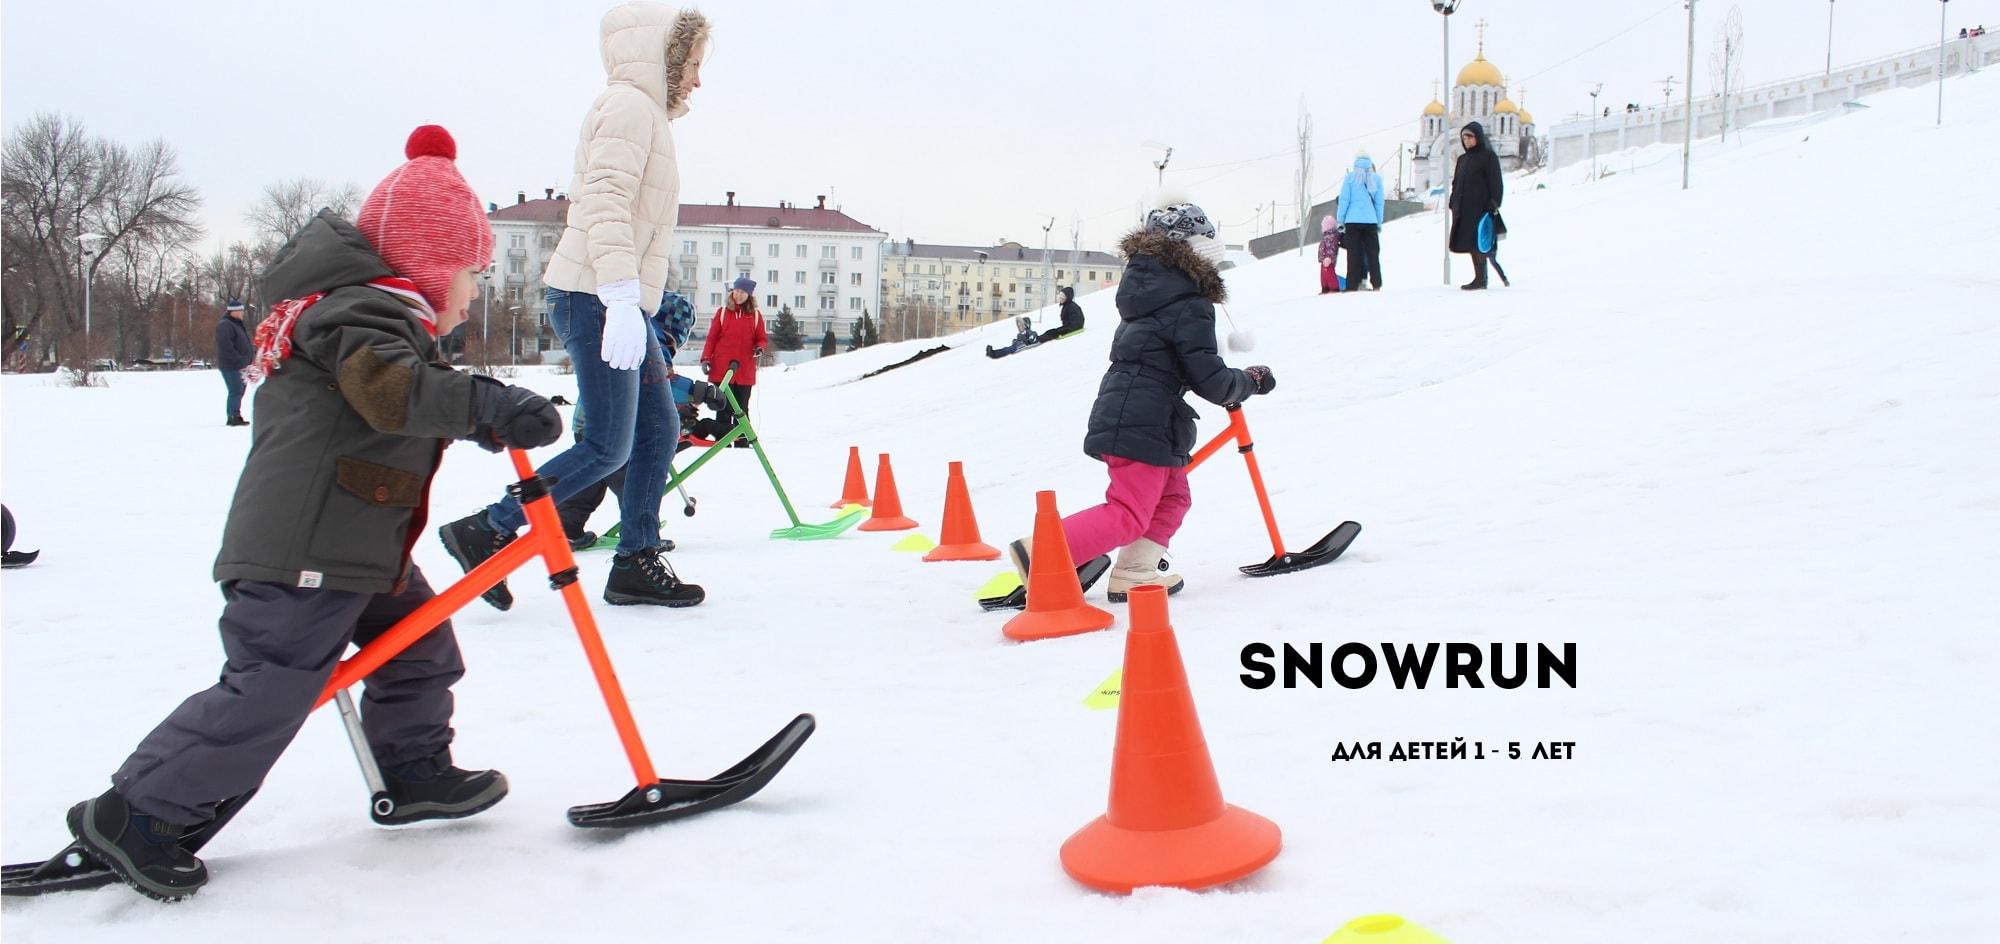 snowRUN_4-min